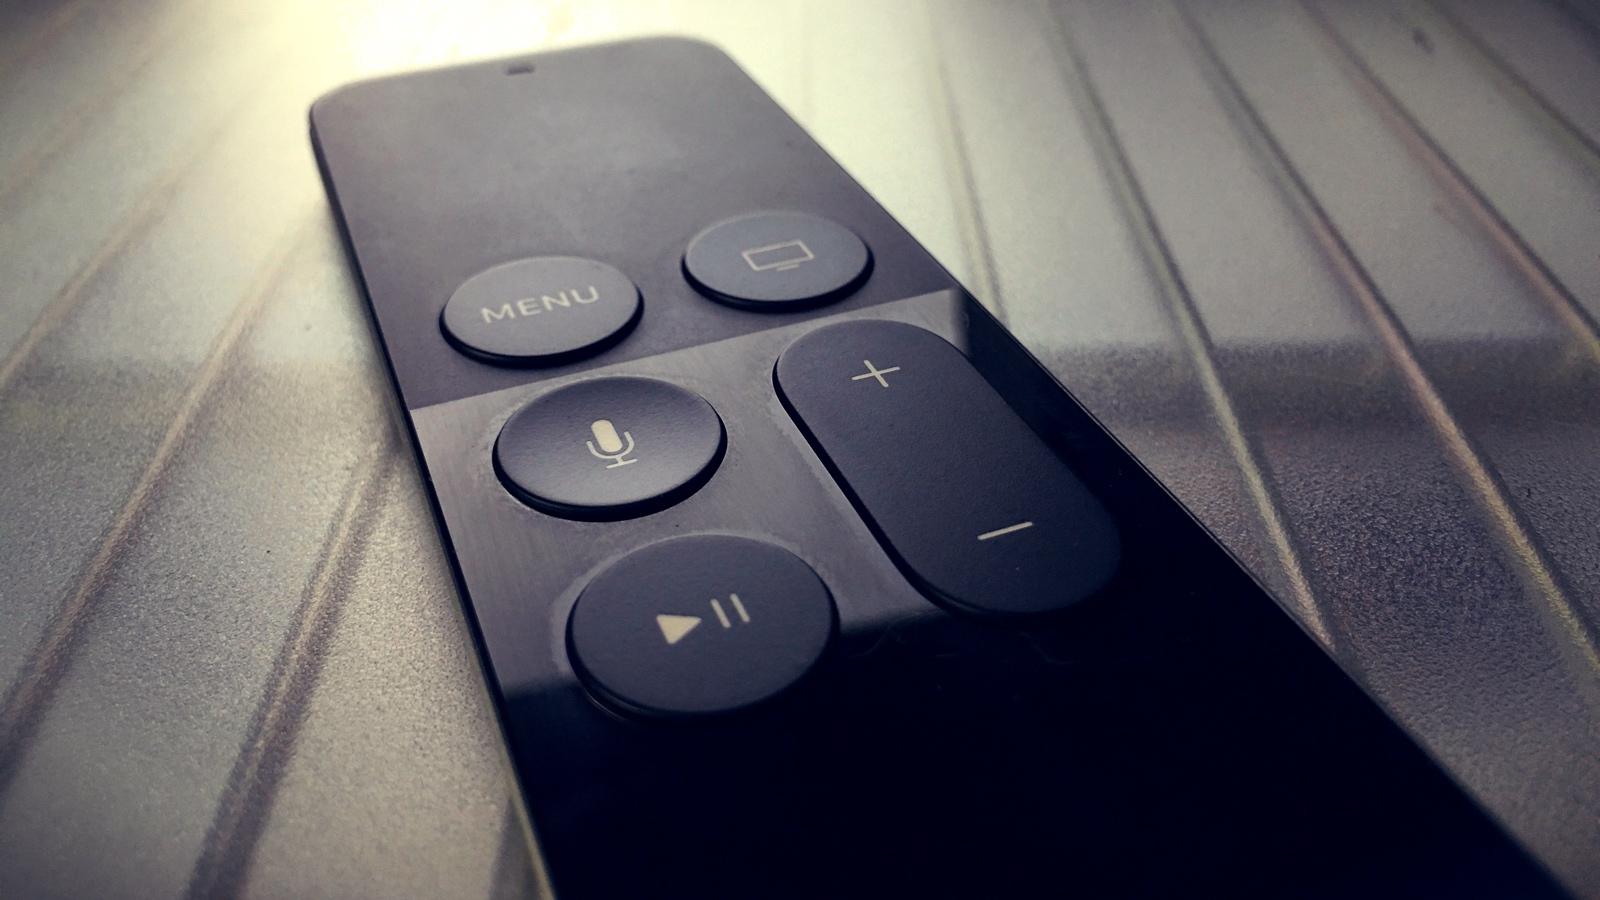 iPhone обзаведется функциональностью пульта управления для Apple TV 4